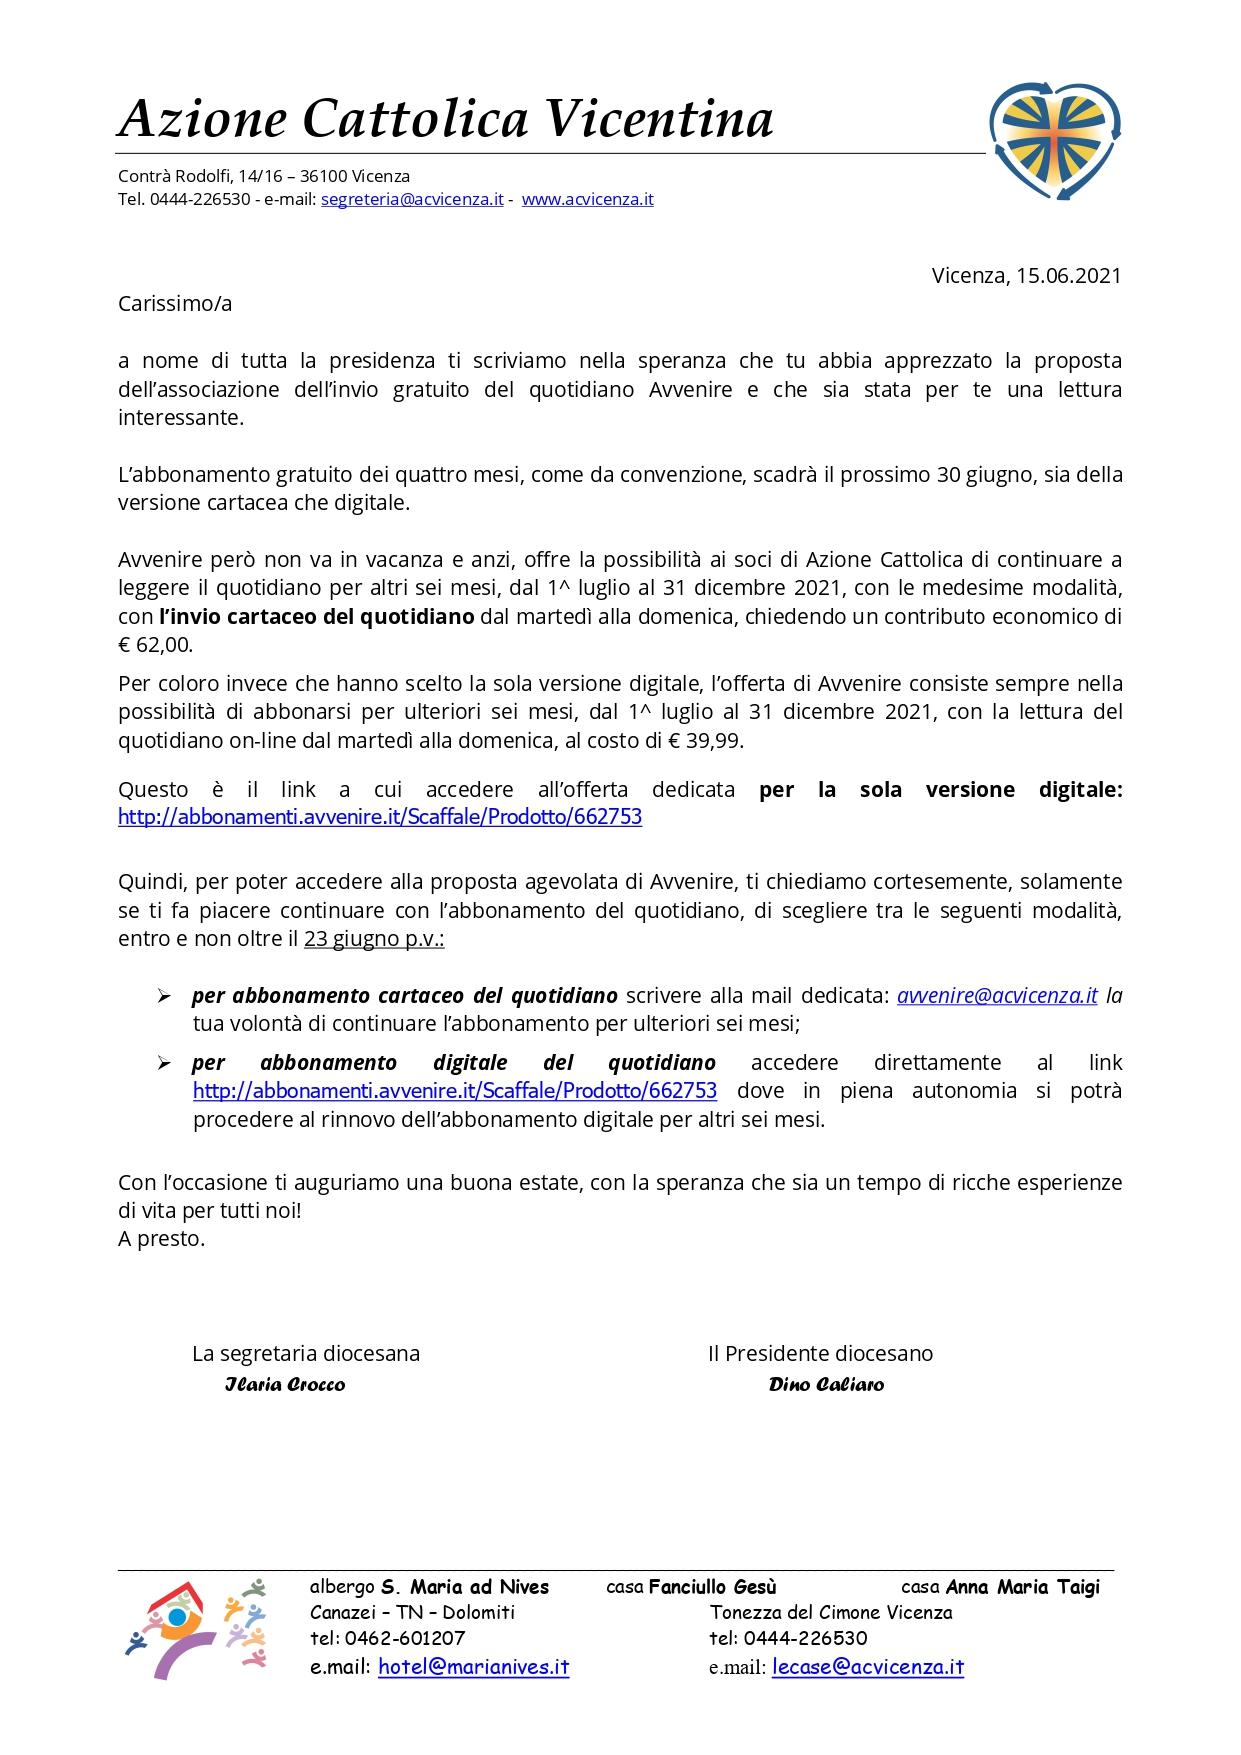 Lettera soci per promozione abbonamento Avvenire 1^luglio-31 dicembre 2021_page-0001